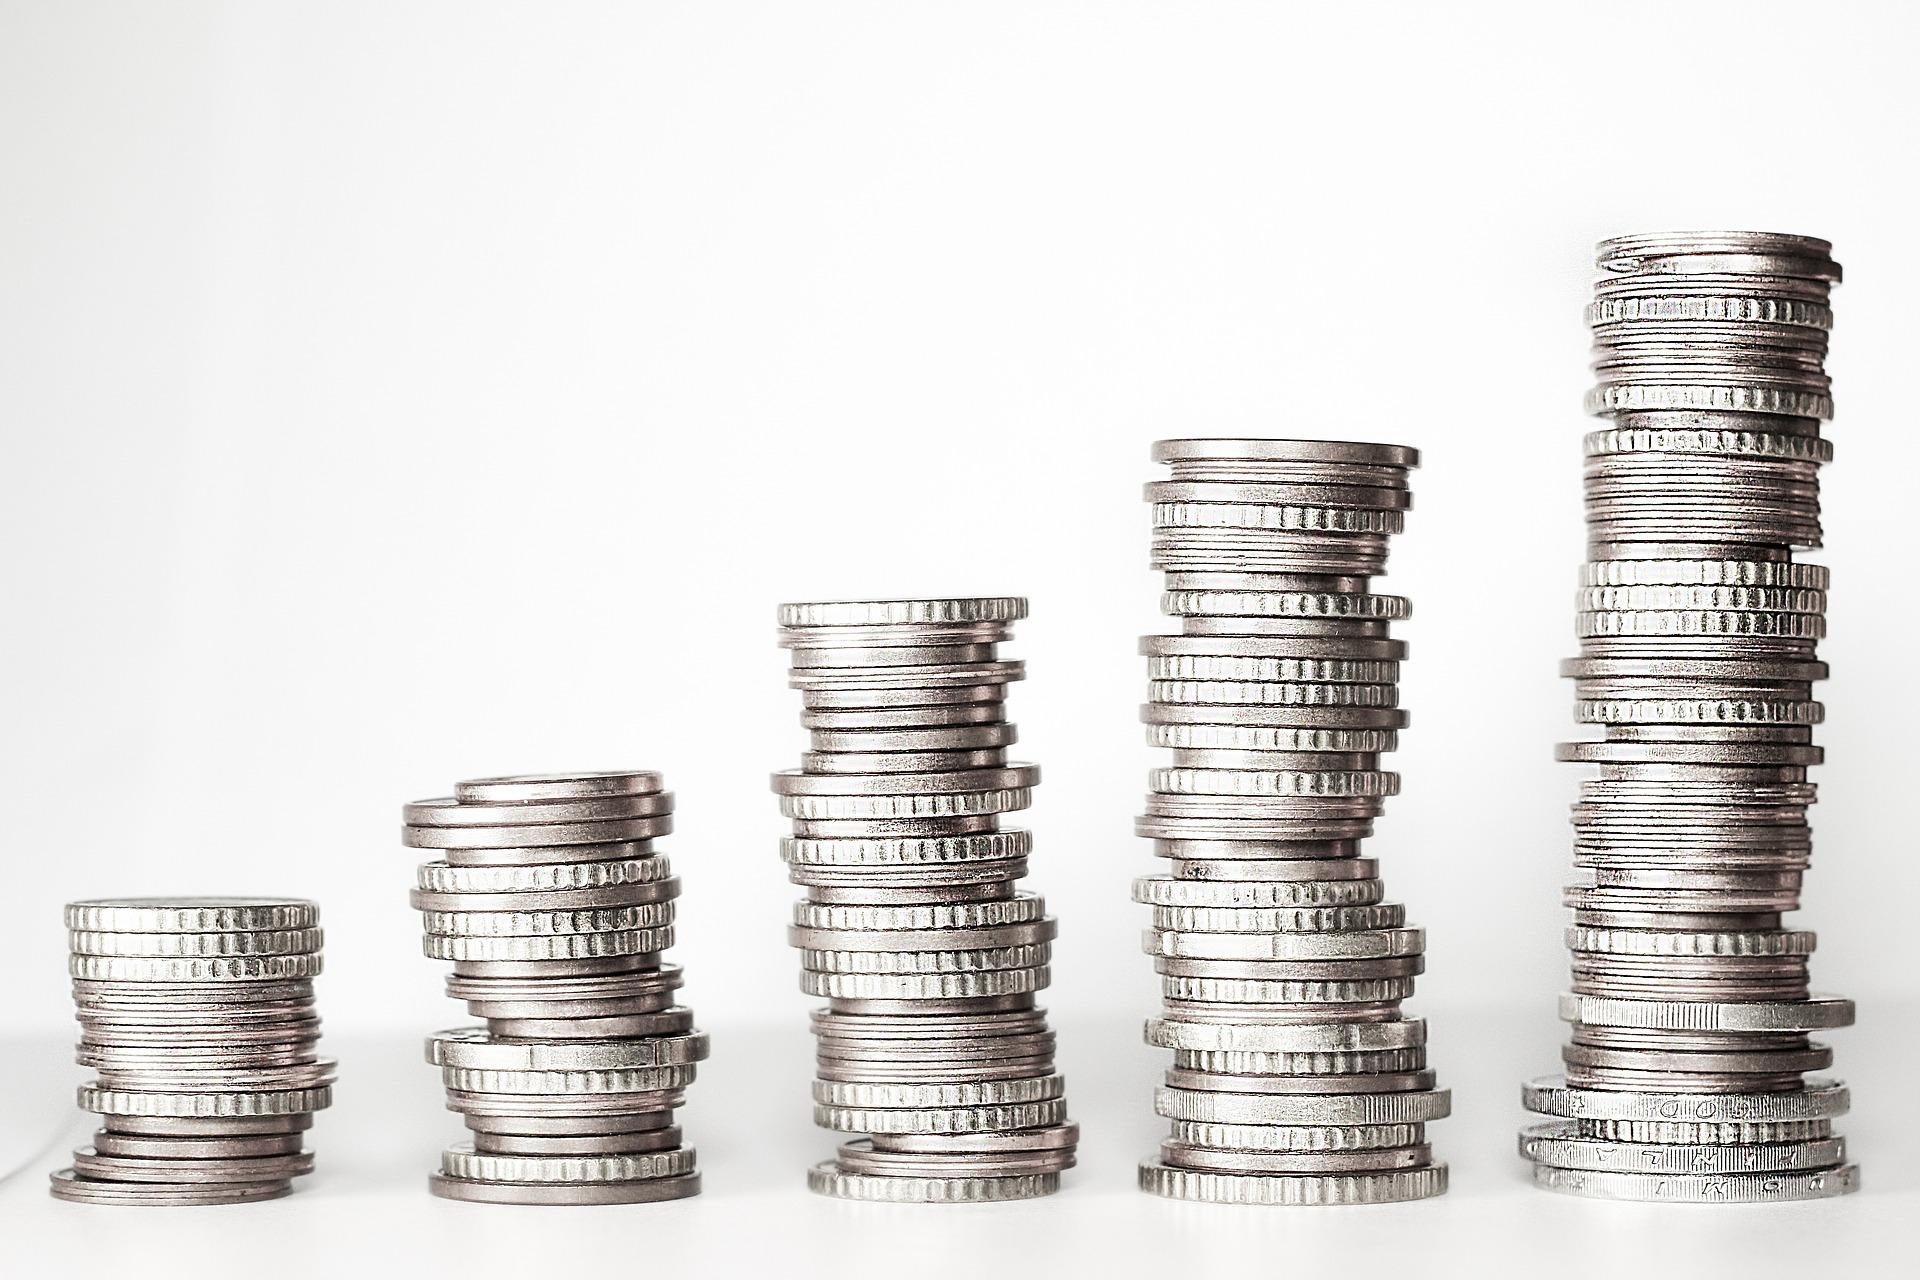 管理栄養士が年収を増やす3つの方法!低収入からの脱出